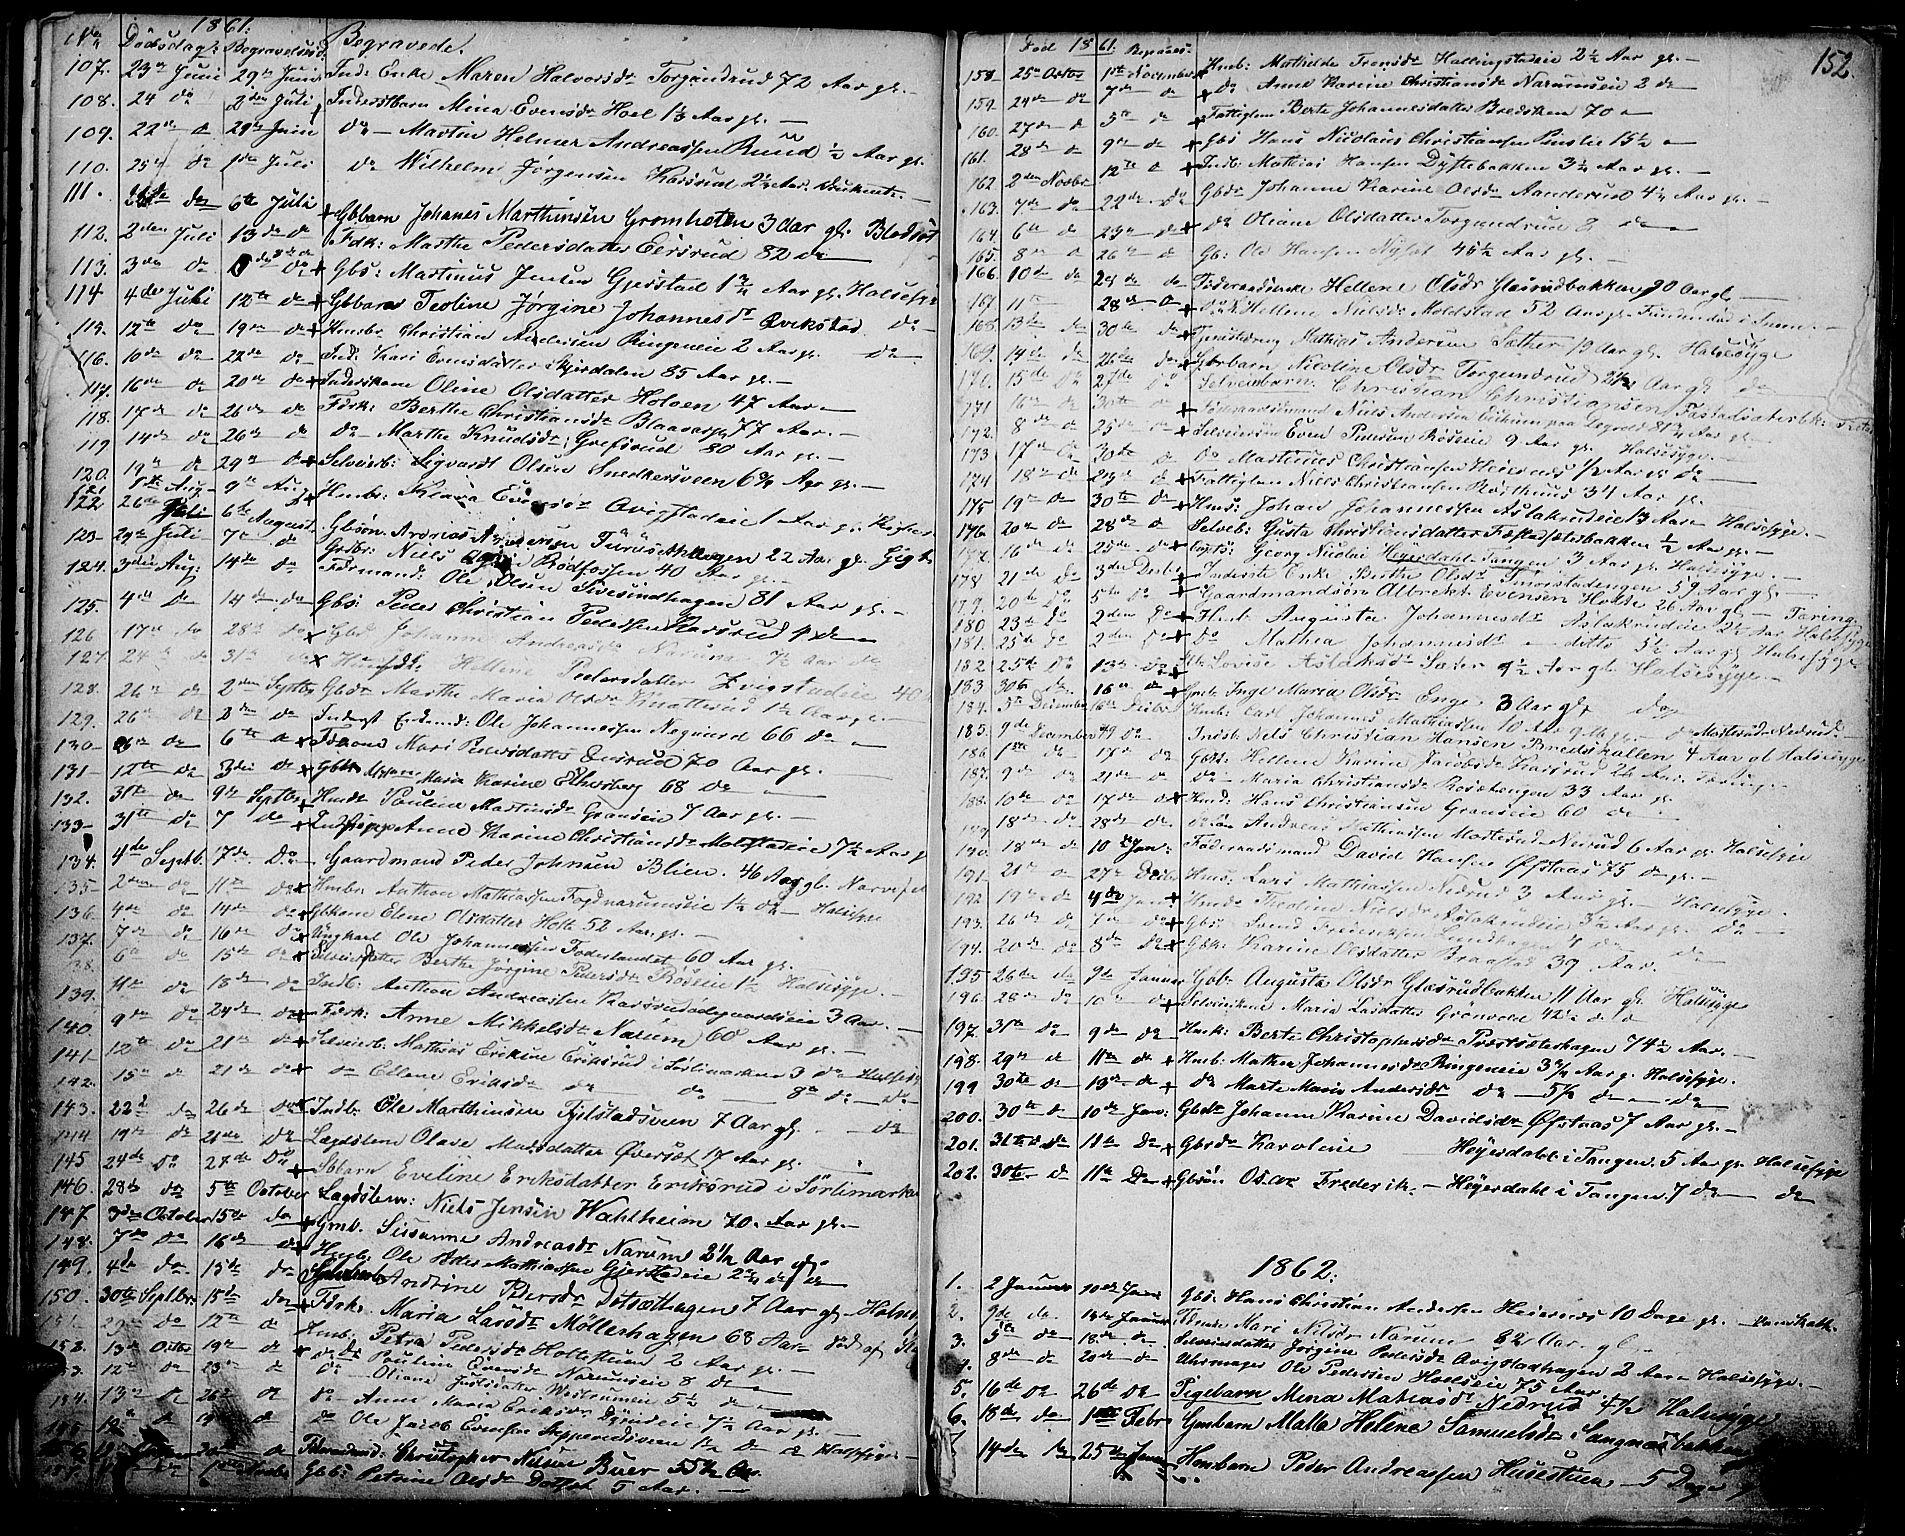 SAH, Vestre Toten prestekontor, Klokkerbok nr. 5, 1854-1870, s. 152